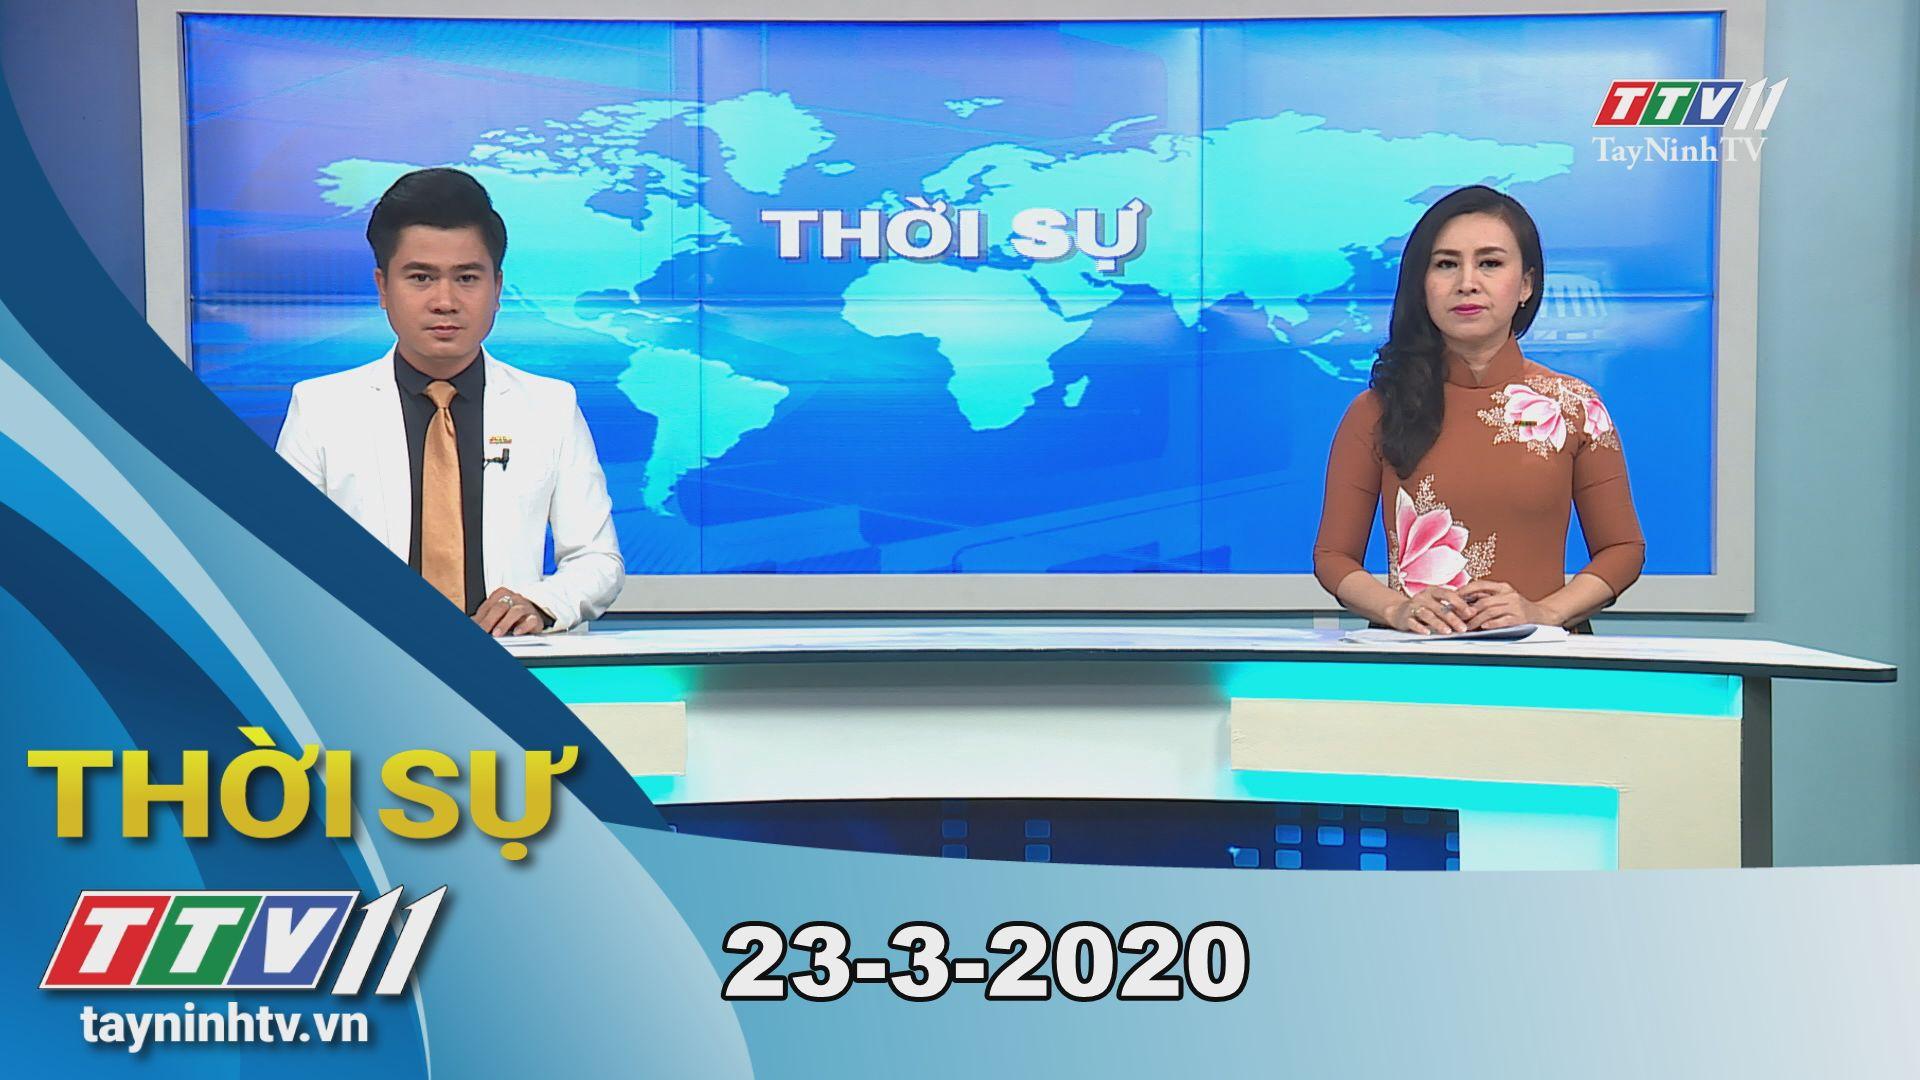 Thời sự Tây Ninh 23-3-2020 | Tin tức hôm nay | TayNinhTV